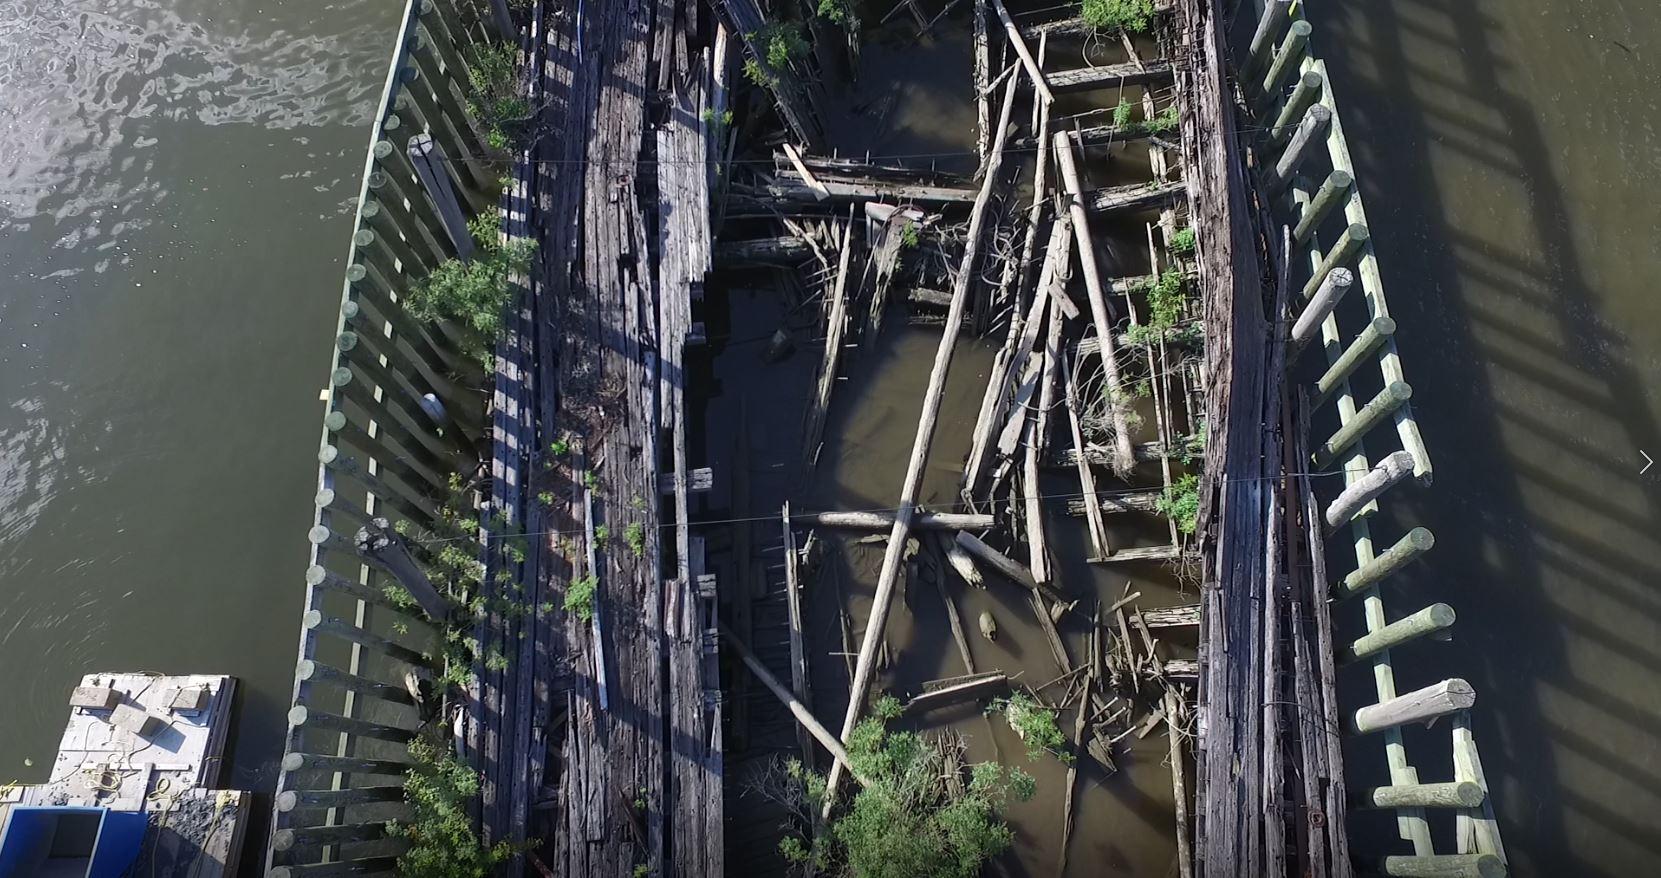 07/01/19 - Aerial footage of Armistead interior -